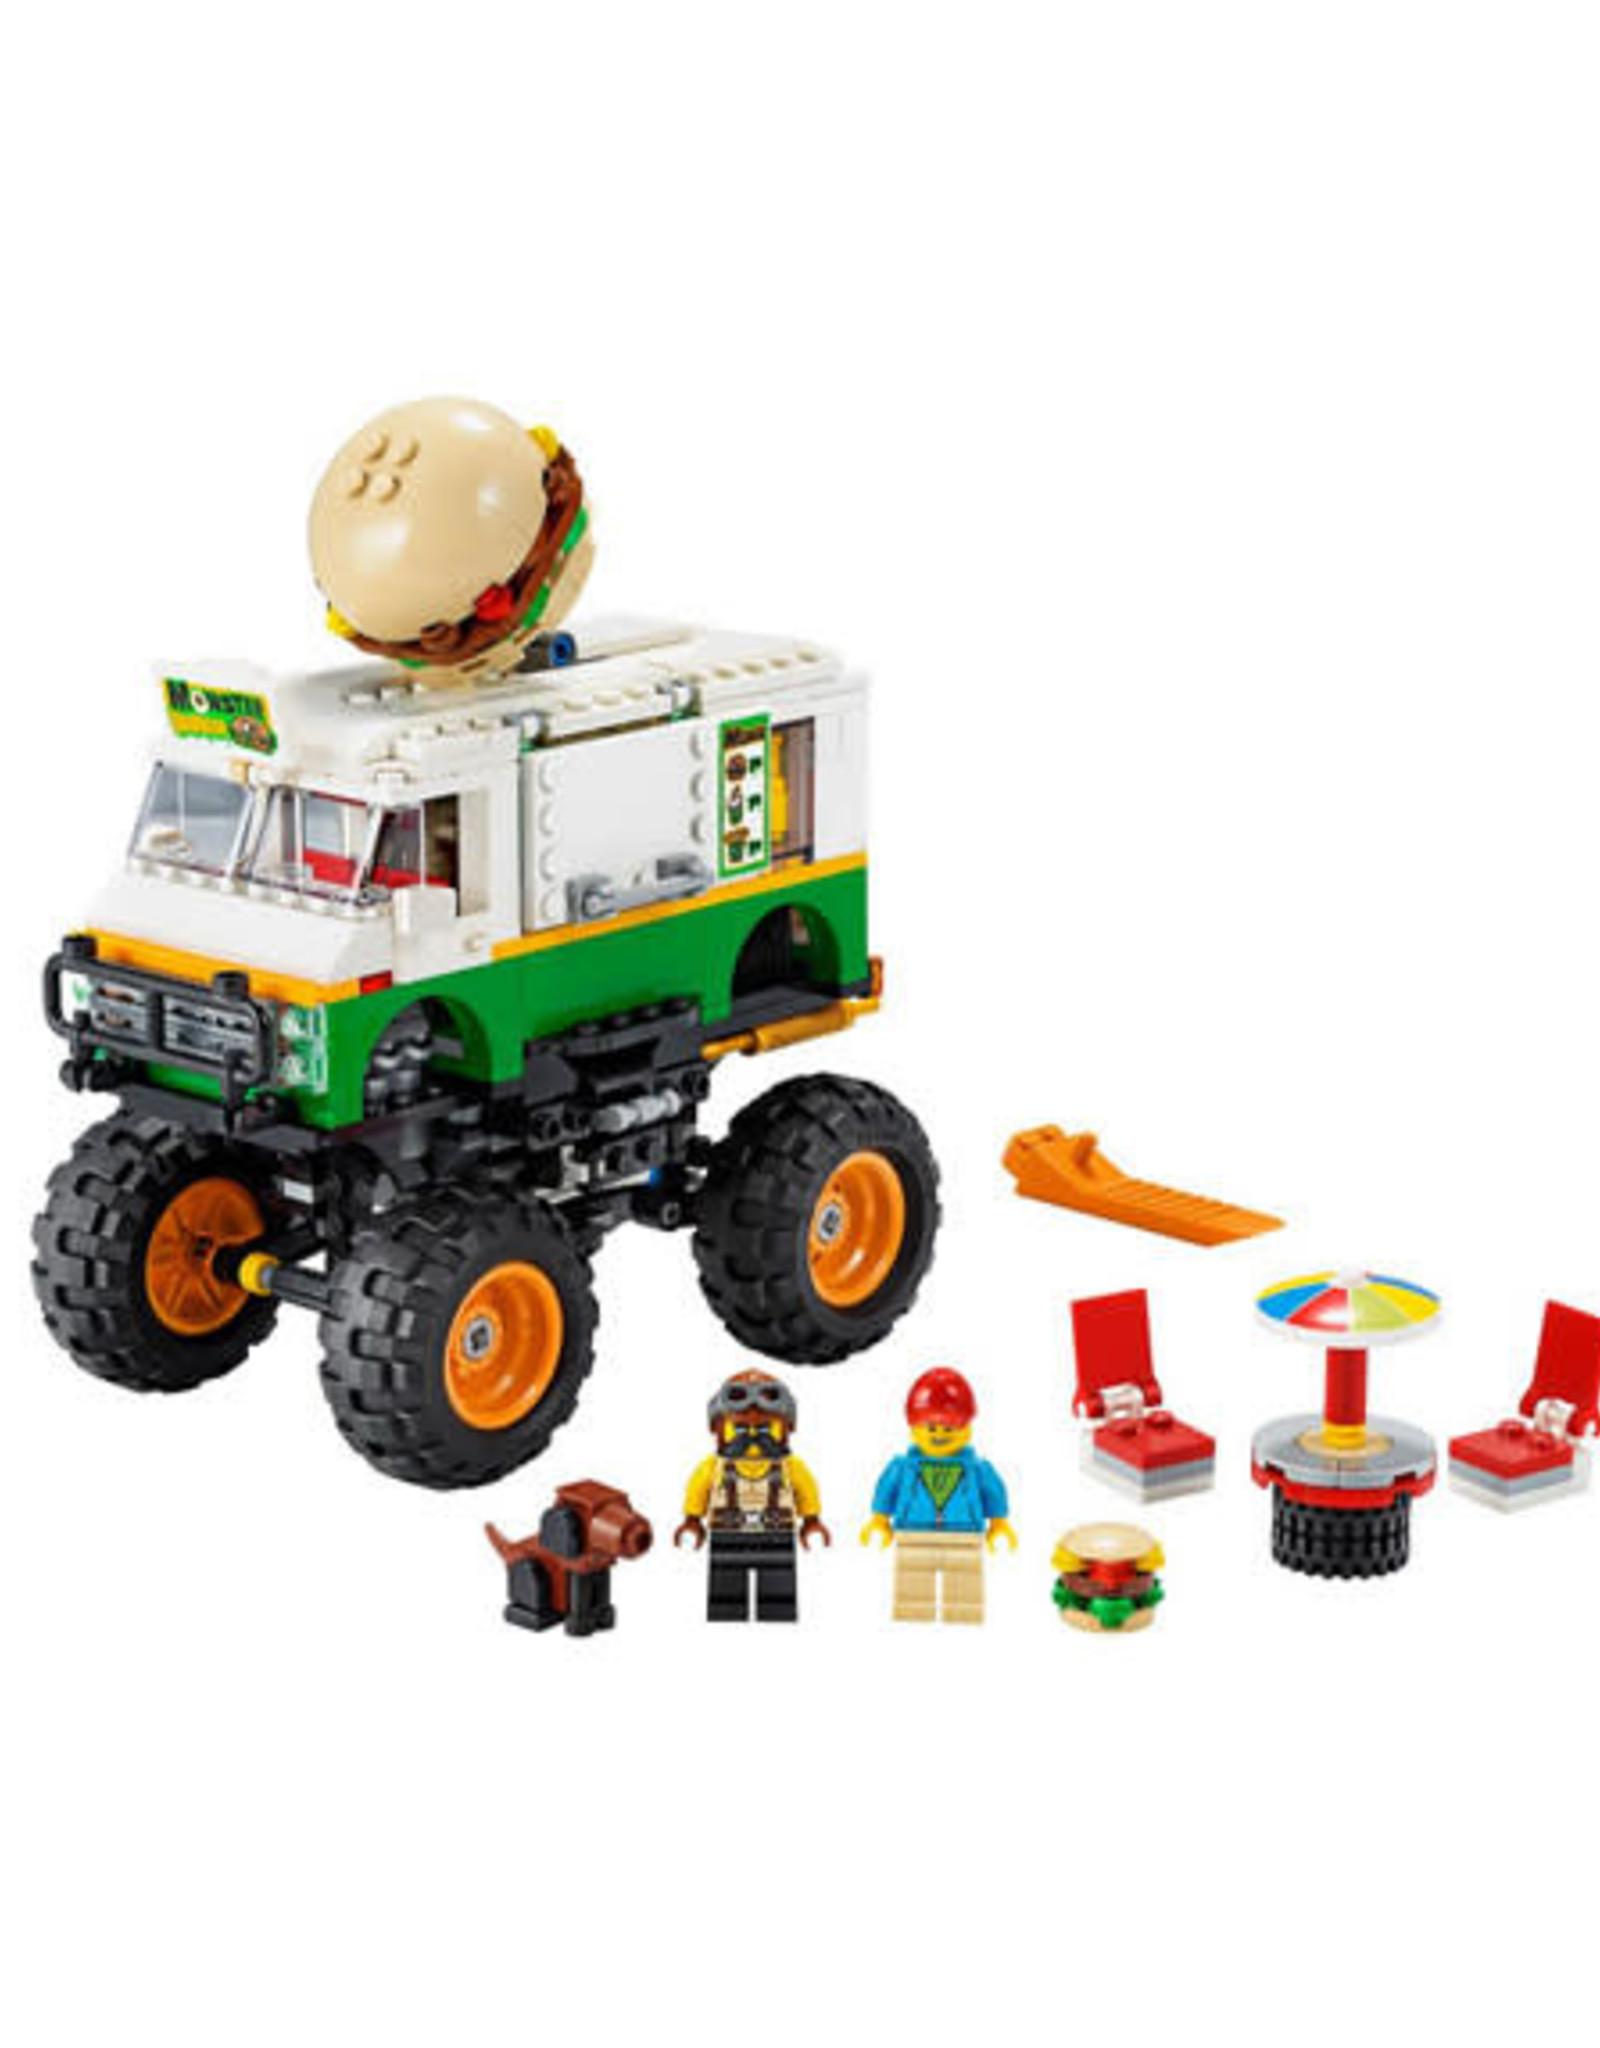 LEGO LEGO 31104 Monster Burger Truck CREATOR NIEUW